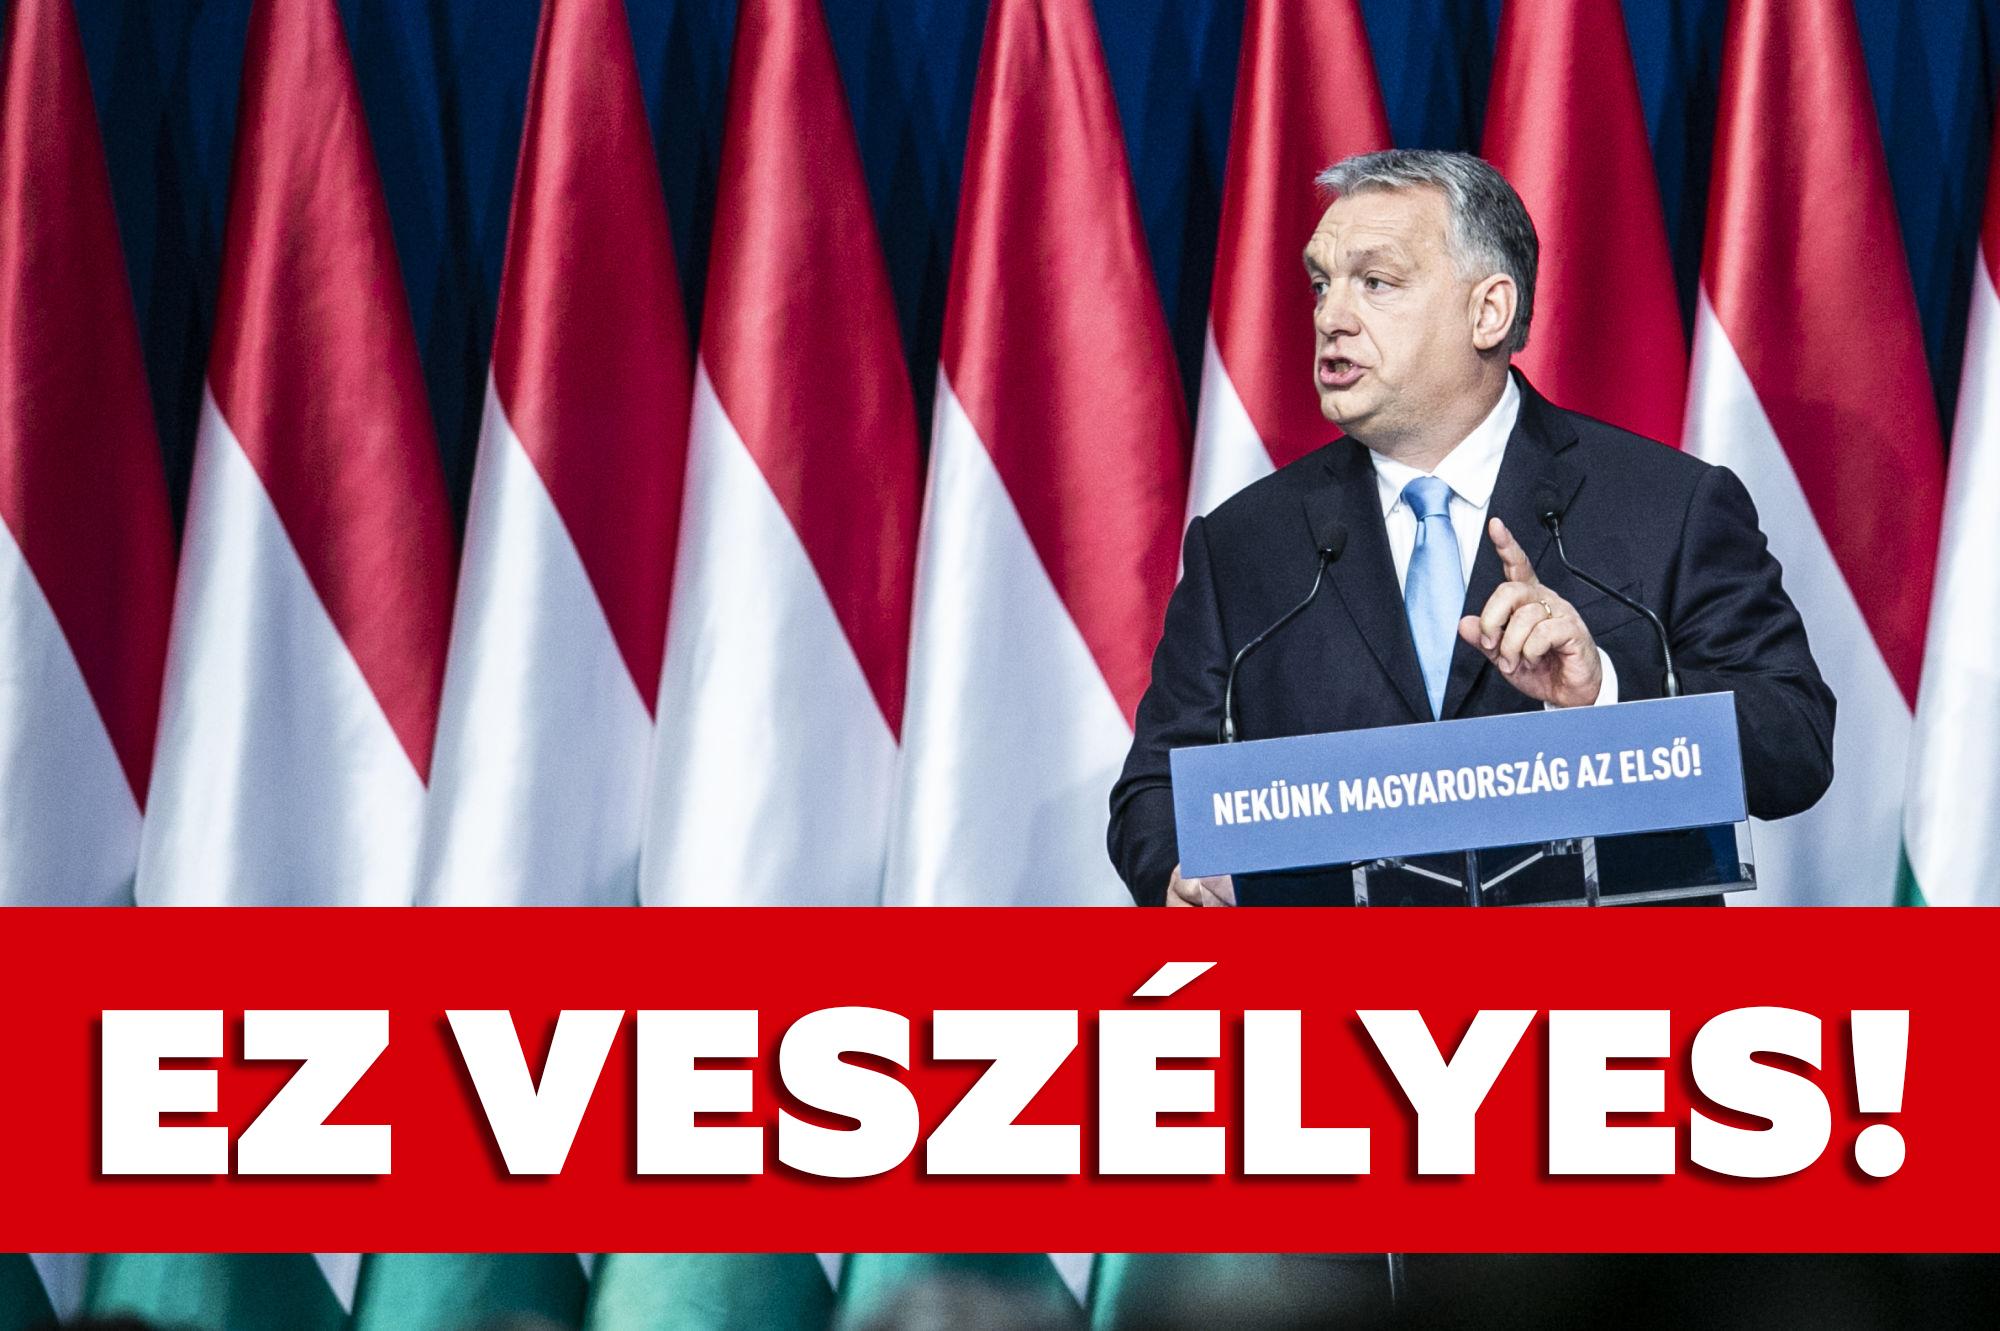 Ha sokan rákapnak Orbánék népesedéspolitikai ígéreteire, abba is belerokkanhatunk